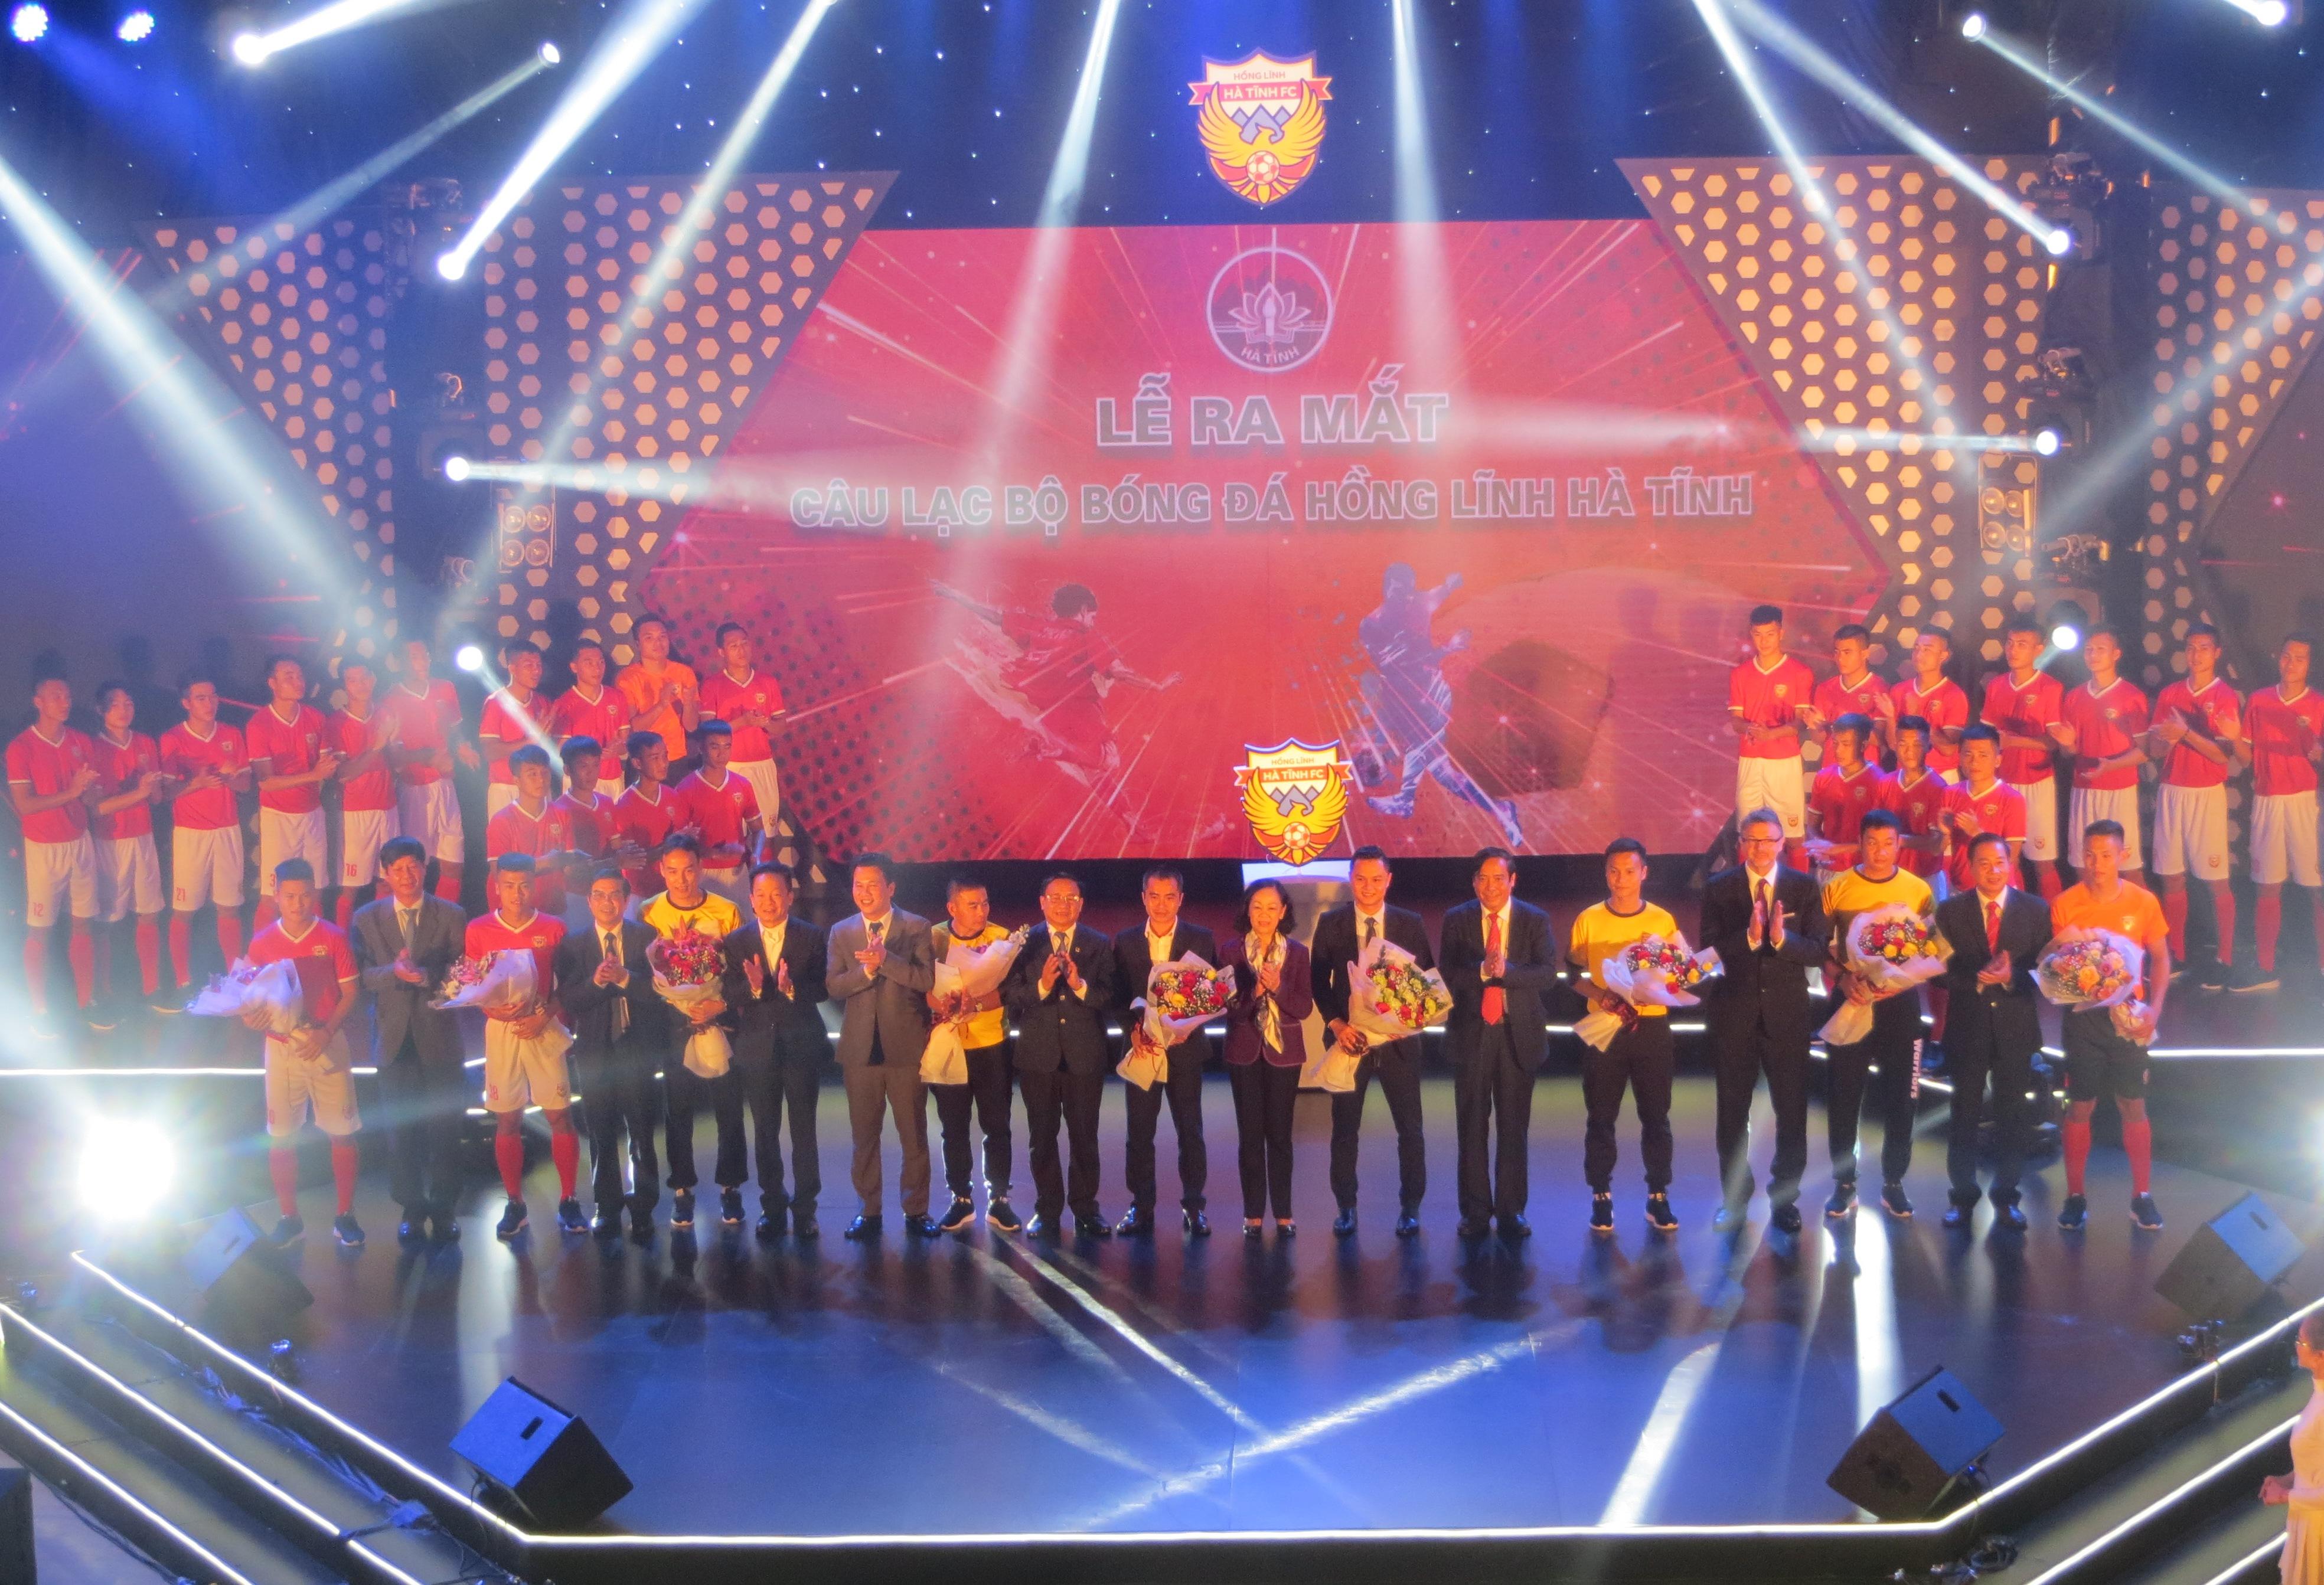 Hà Tĩnh làm lễ ra mắt Câu lạc bộ bóng đá mang tên Hồng Lĩnh